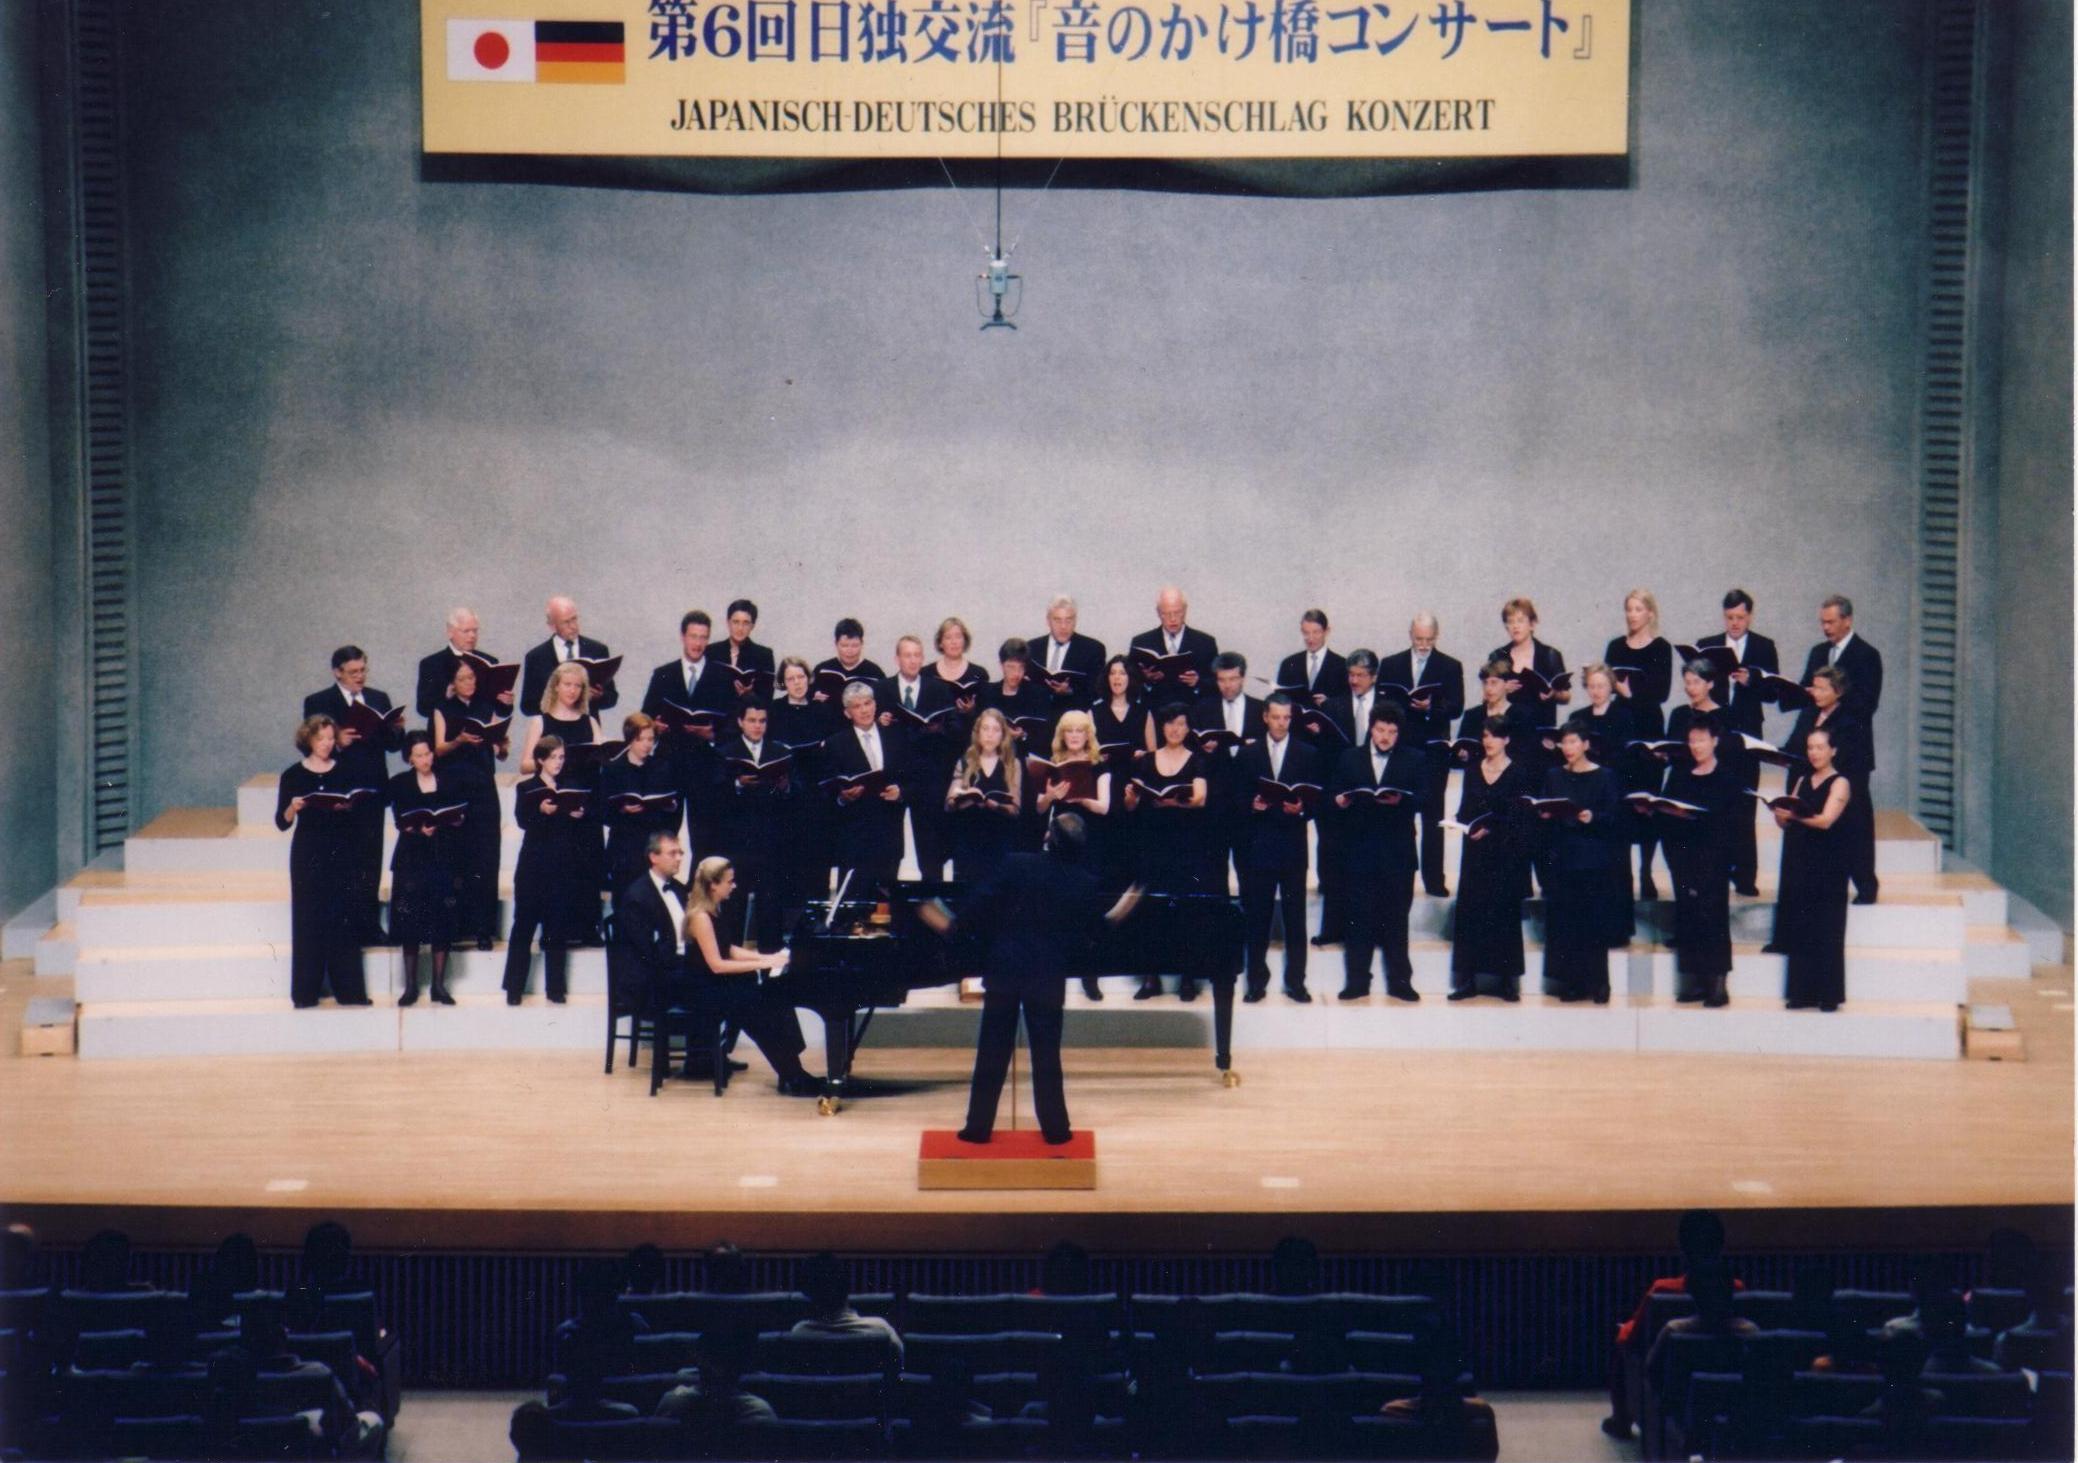 Konzert von Brahms' Liebeslieder-Walzer